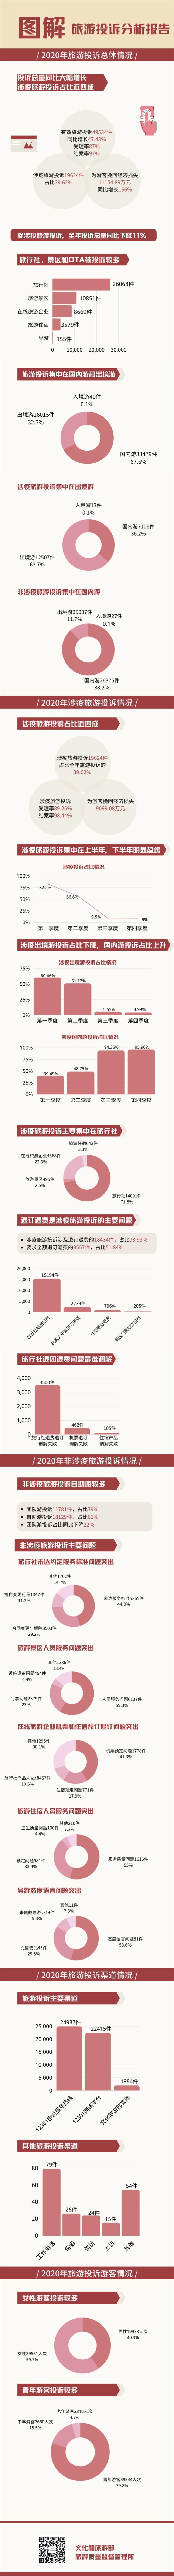 《【摩登在线平台】文旅部报告:2020年旅游投诉总量同比大幅增长,涉疫投诉占四成》